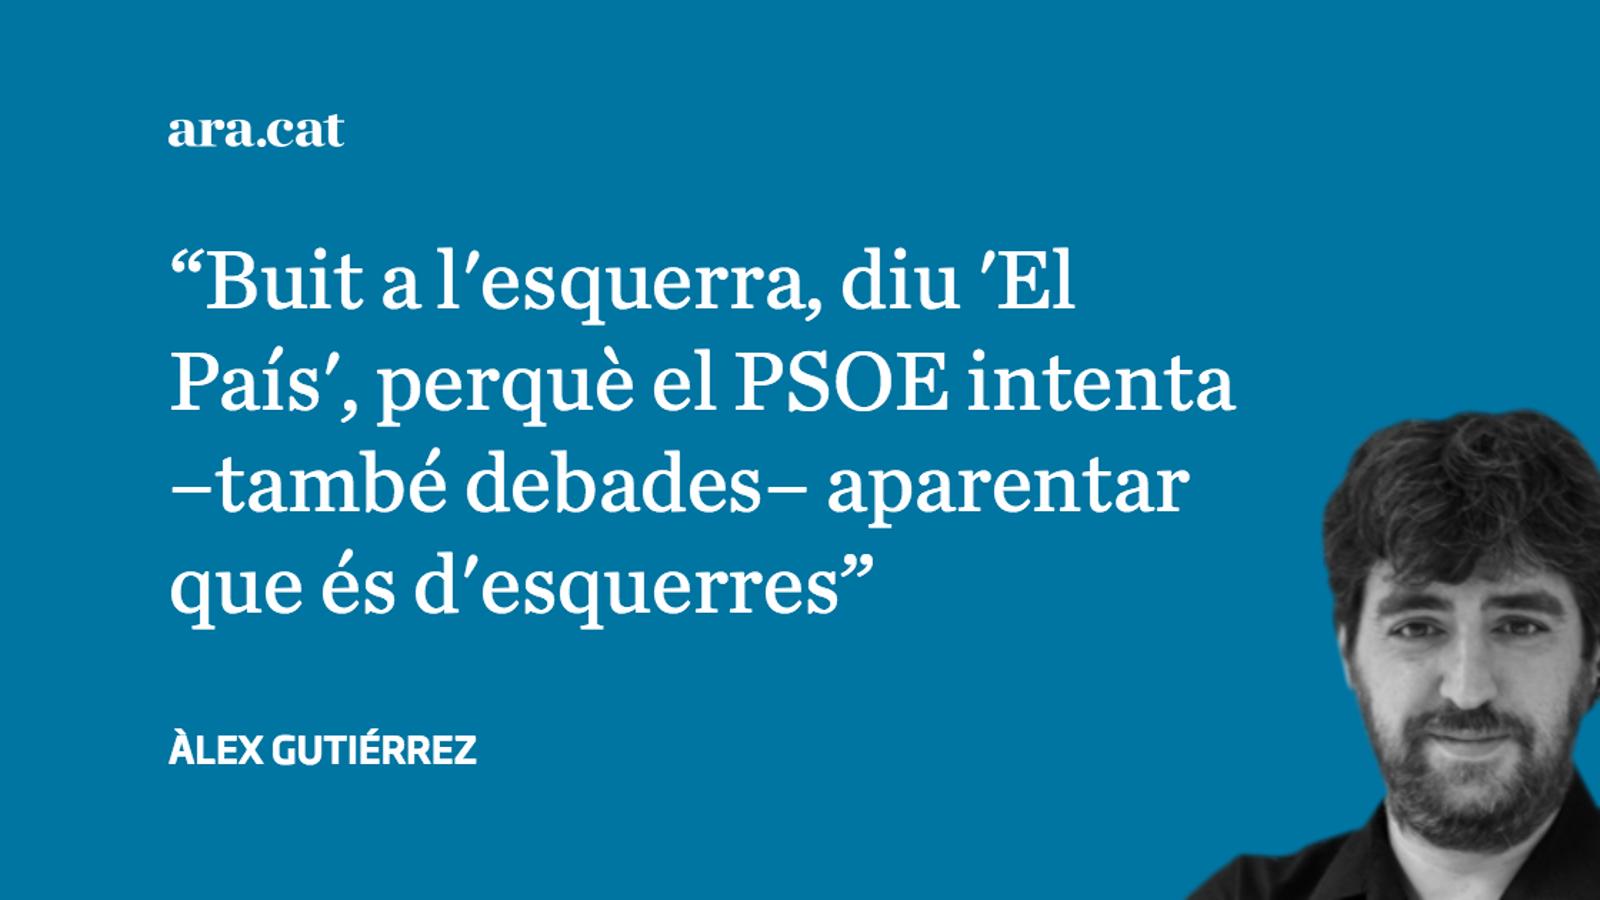 'El País' es pregunta, sense ironia, qui ha matat l'esquerra